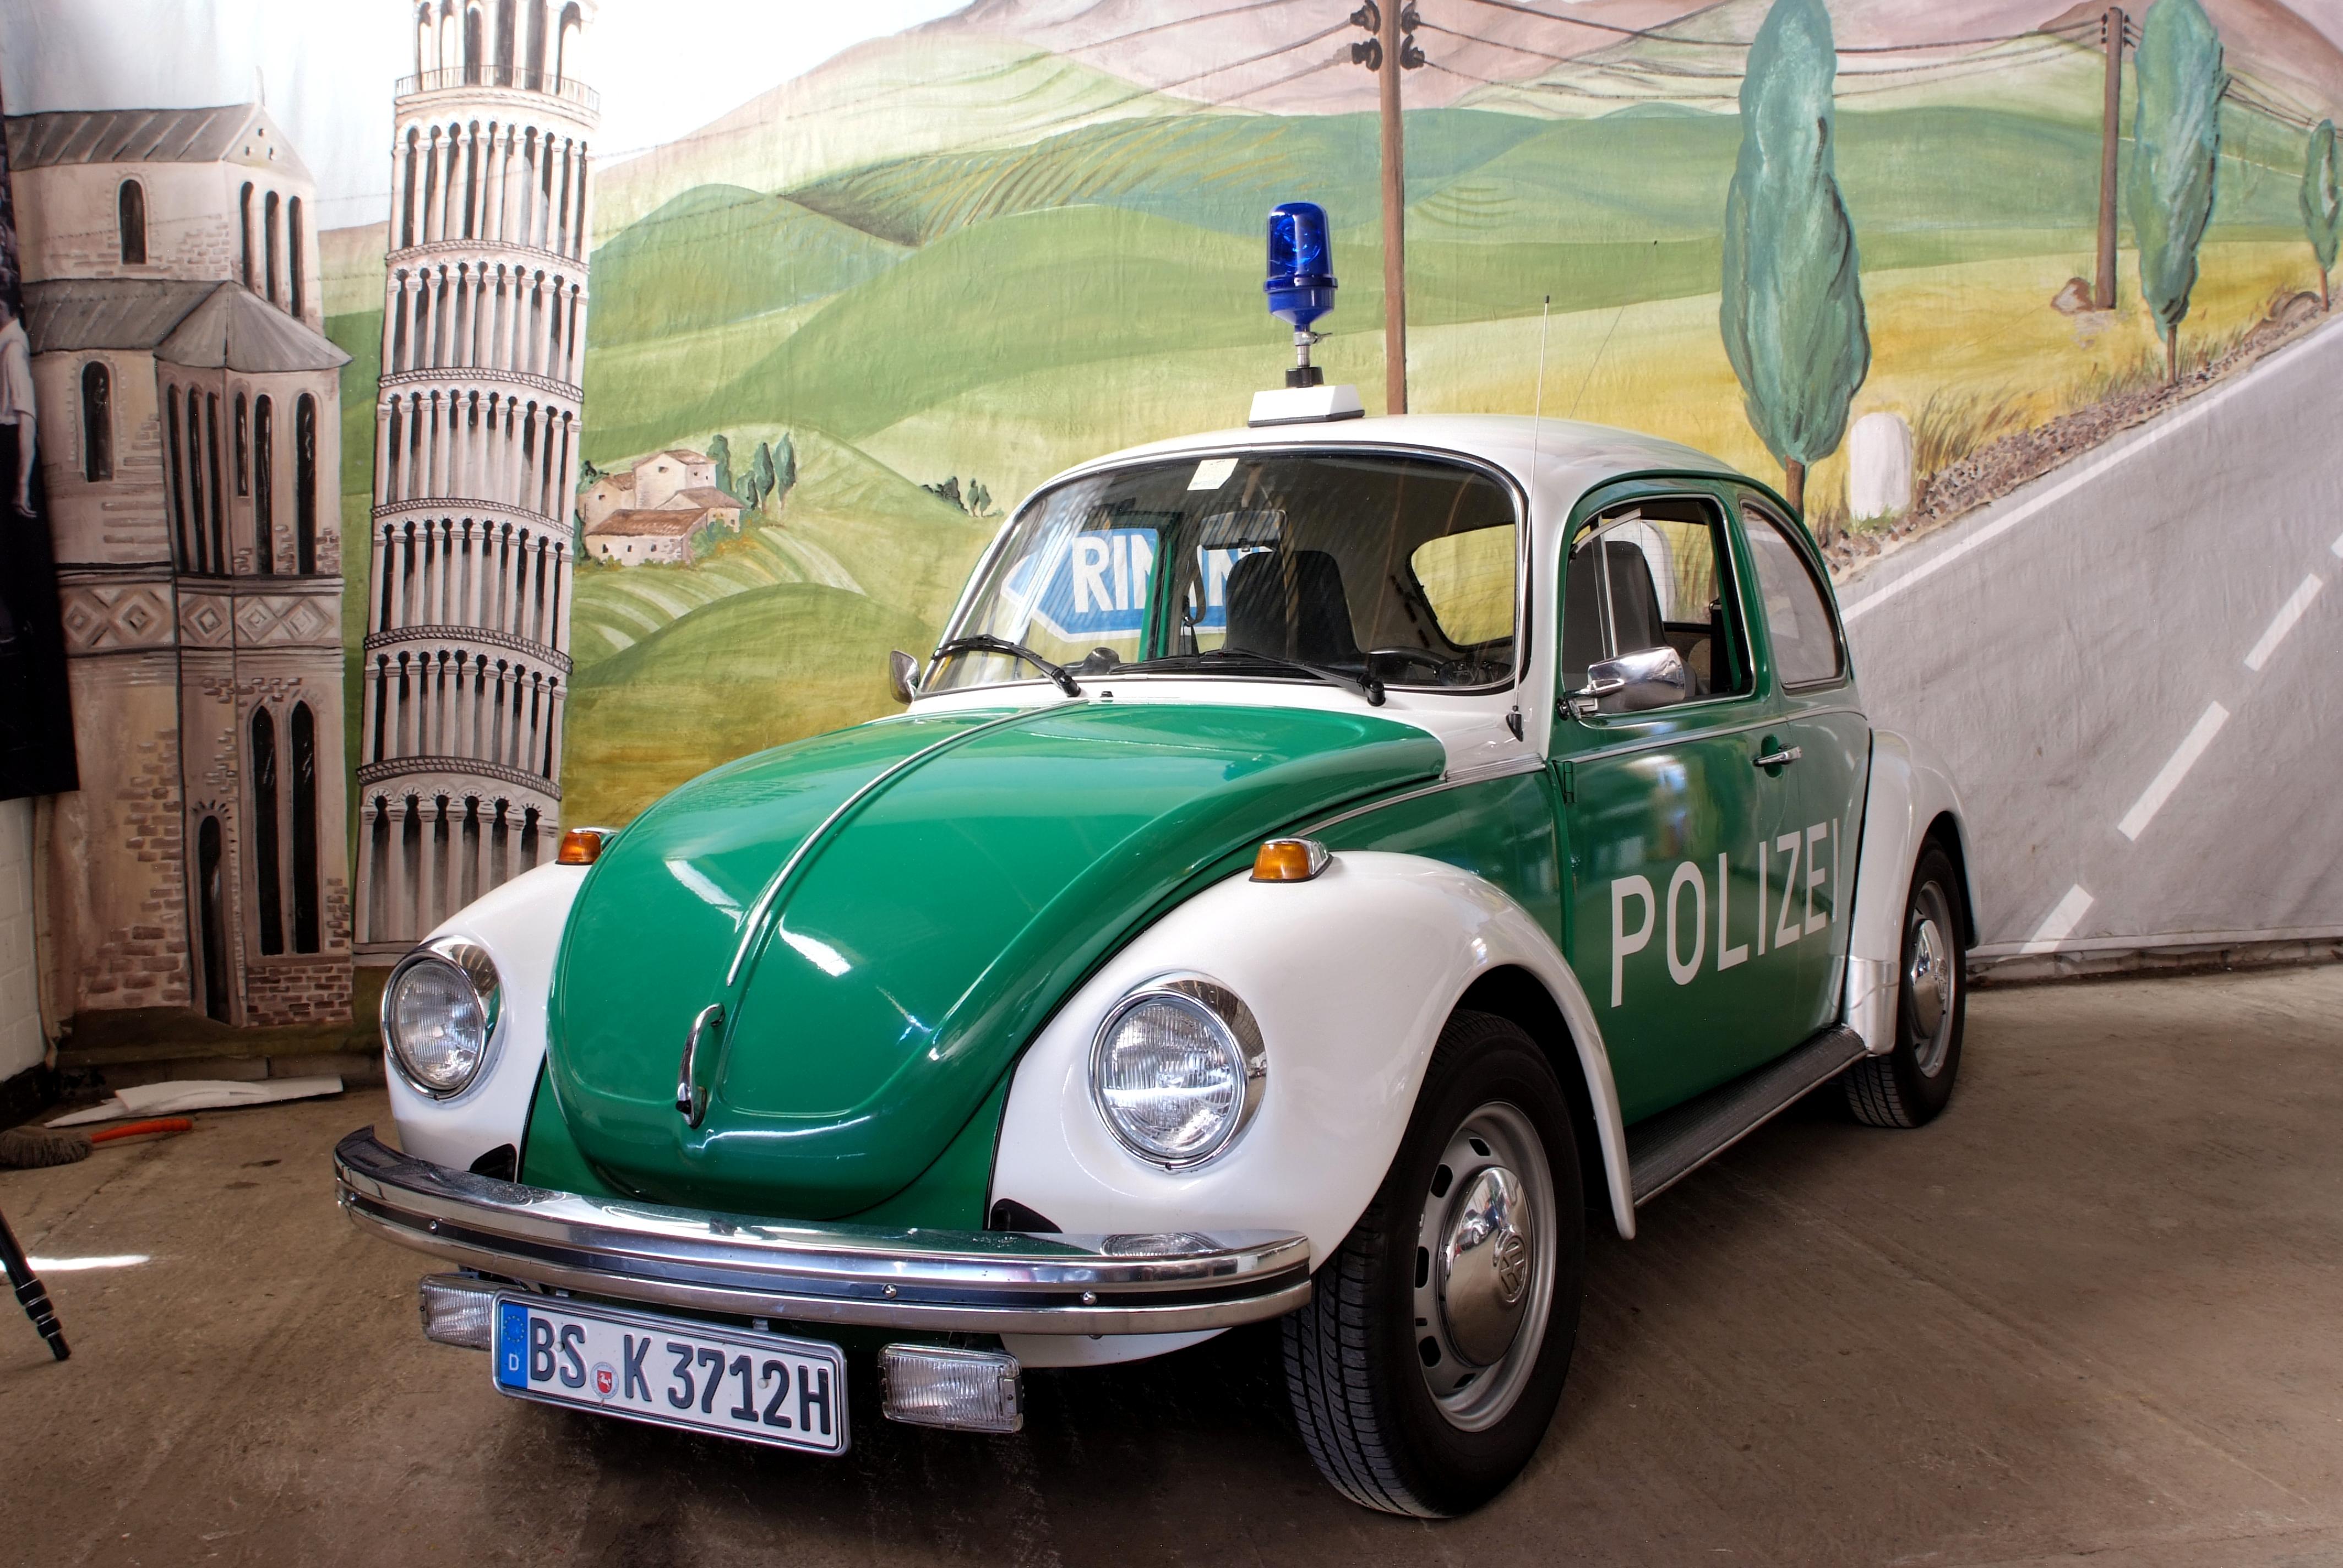 polizei scanner 5.0